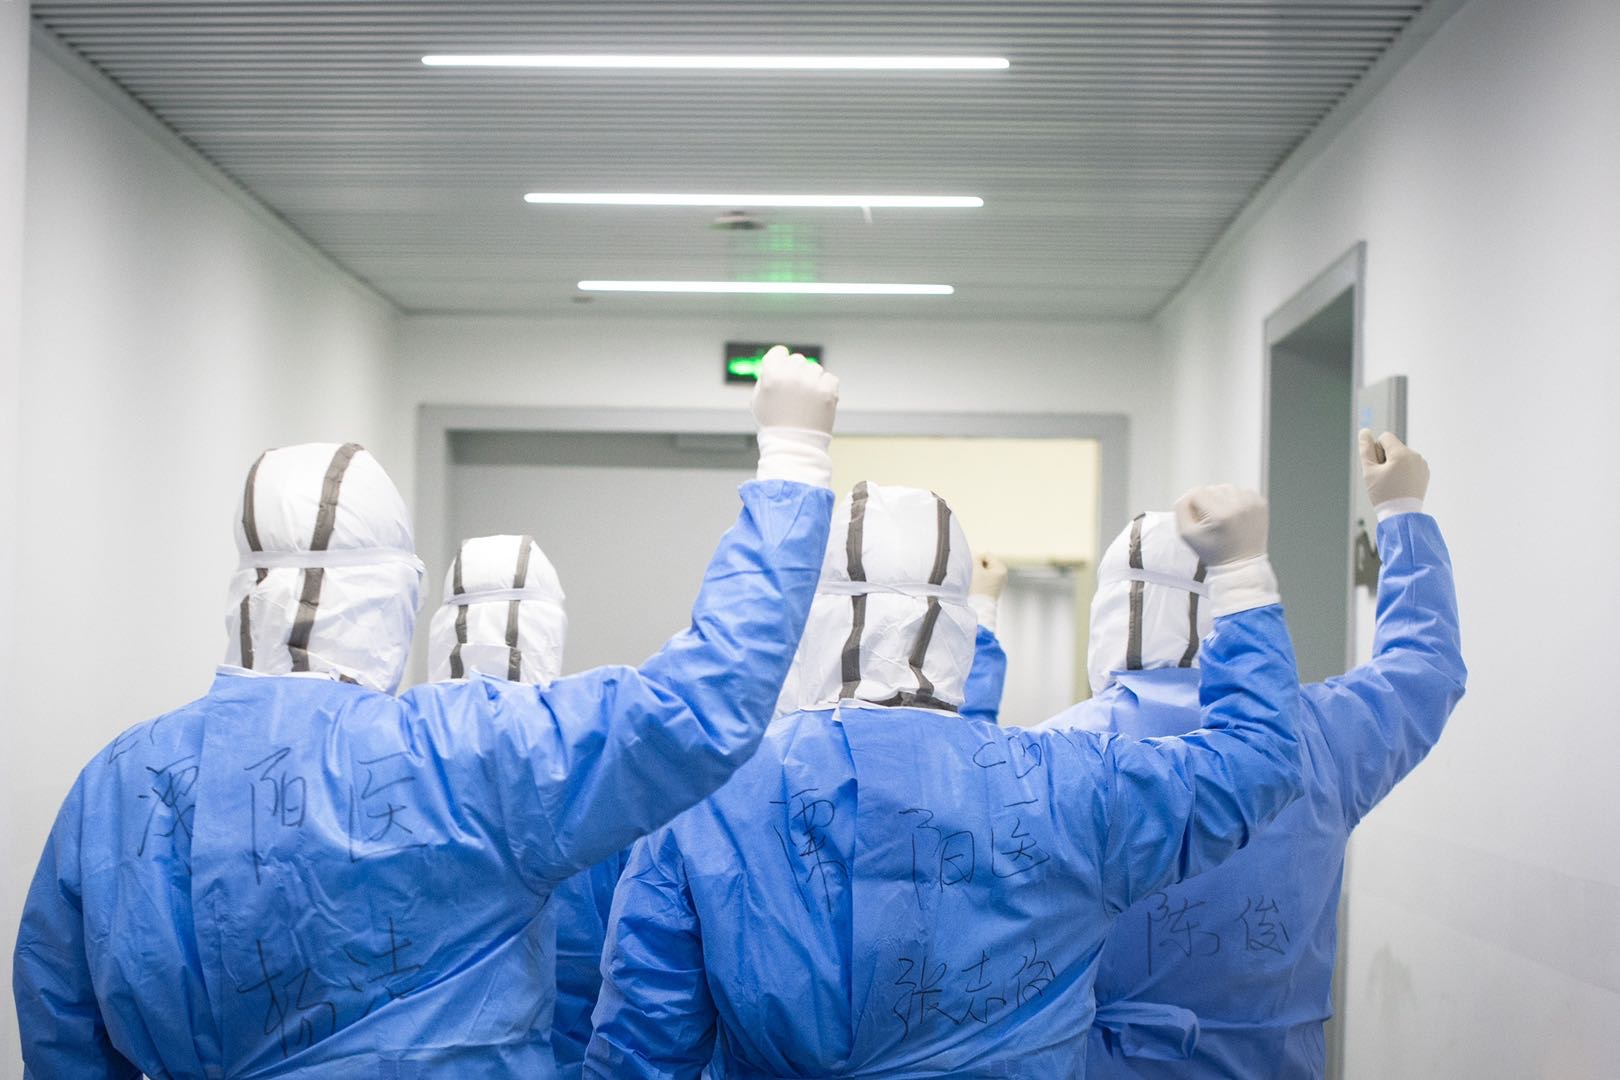 社论 | 抗疫牺牲的每一位医护人员,都应该授予烈士荣誉